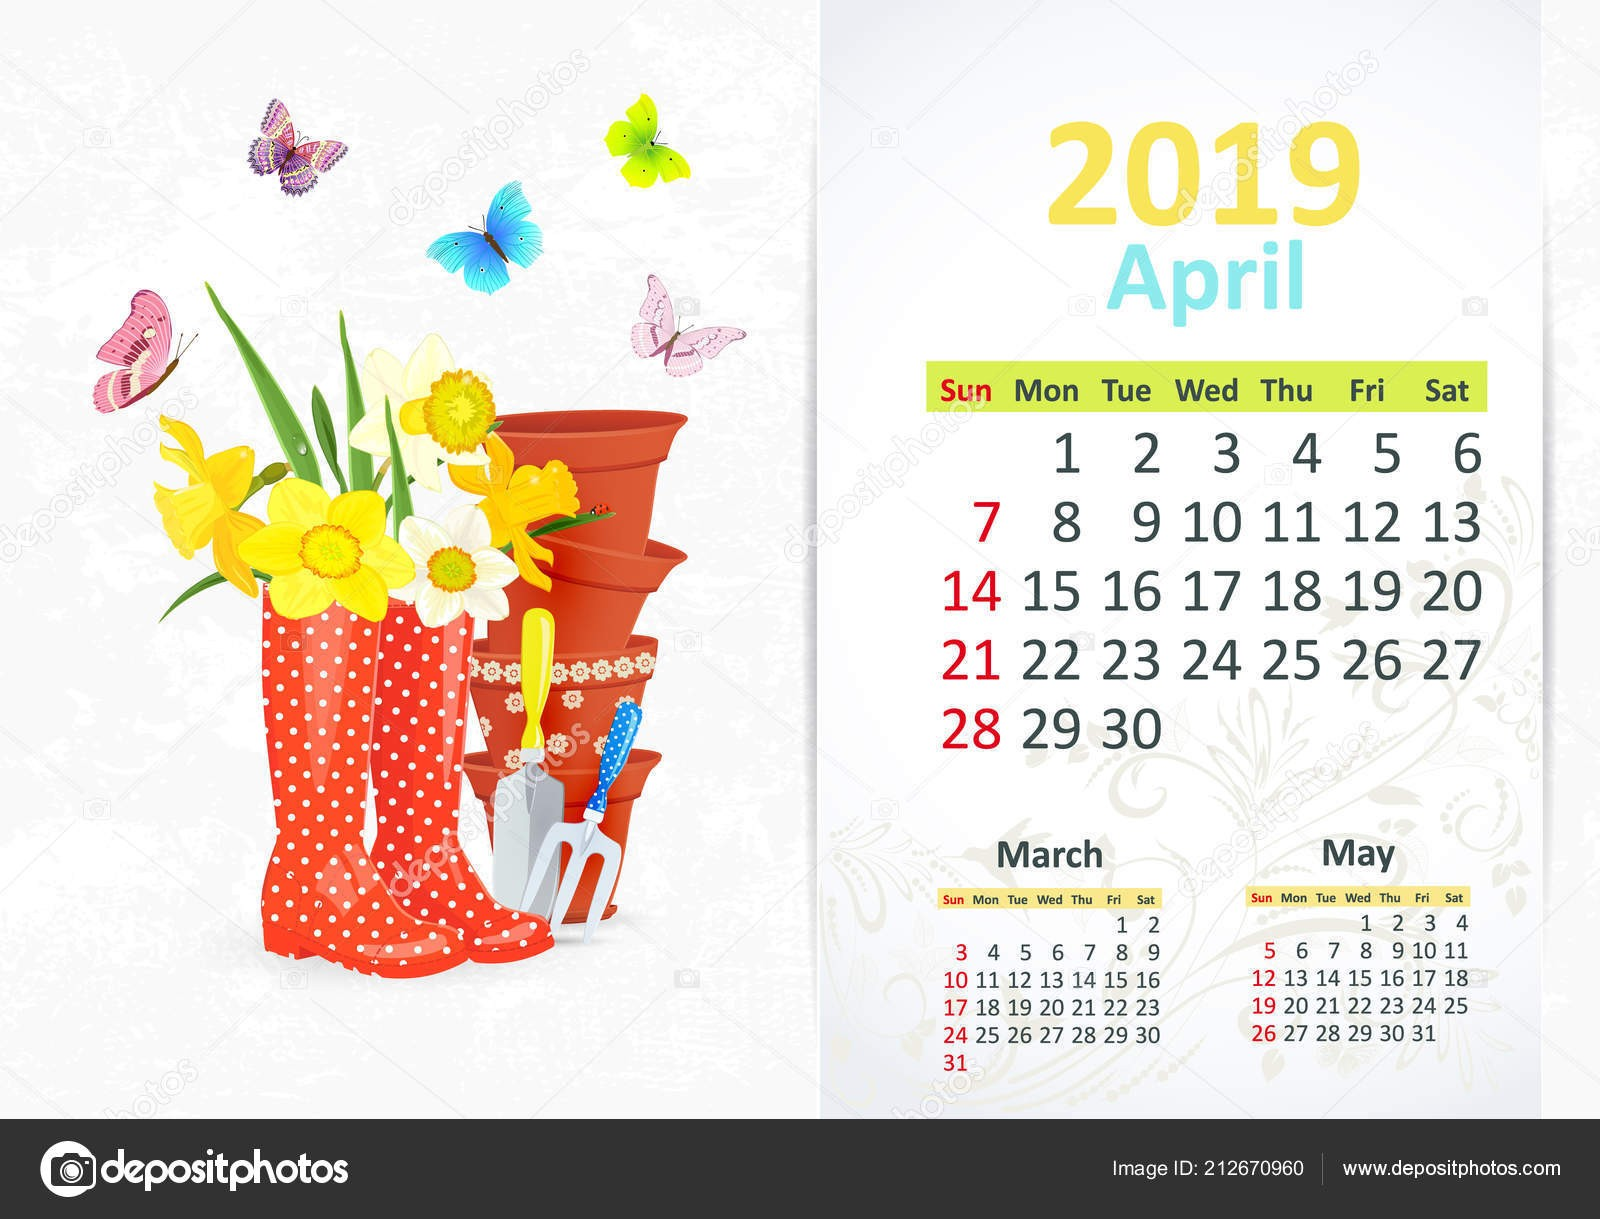 Calendario Abril 2019 Mexico Más Populares Precioso Calendario Jardinera Para Abril 2019 Con Herramientas Of Calendario Abril 2019 Mexico Más Recientes Espa±ol Calendario 2019 — Archivo Imágenes Vectoriales © Rustamank